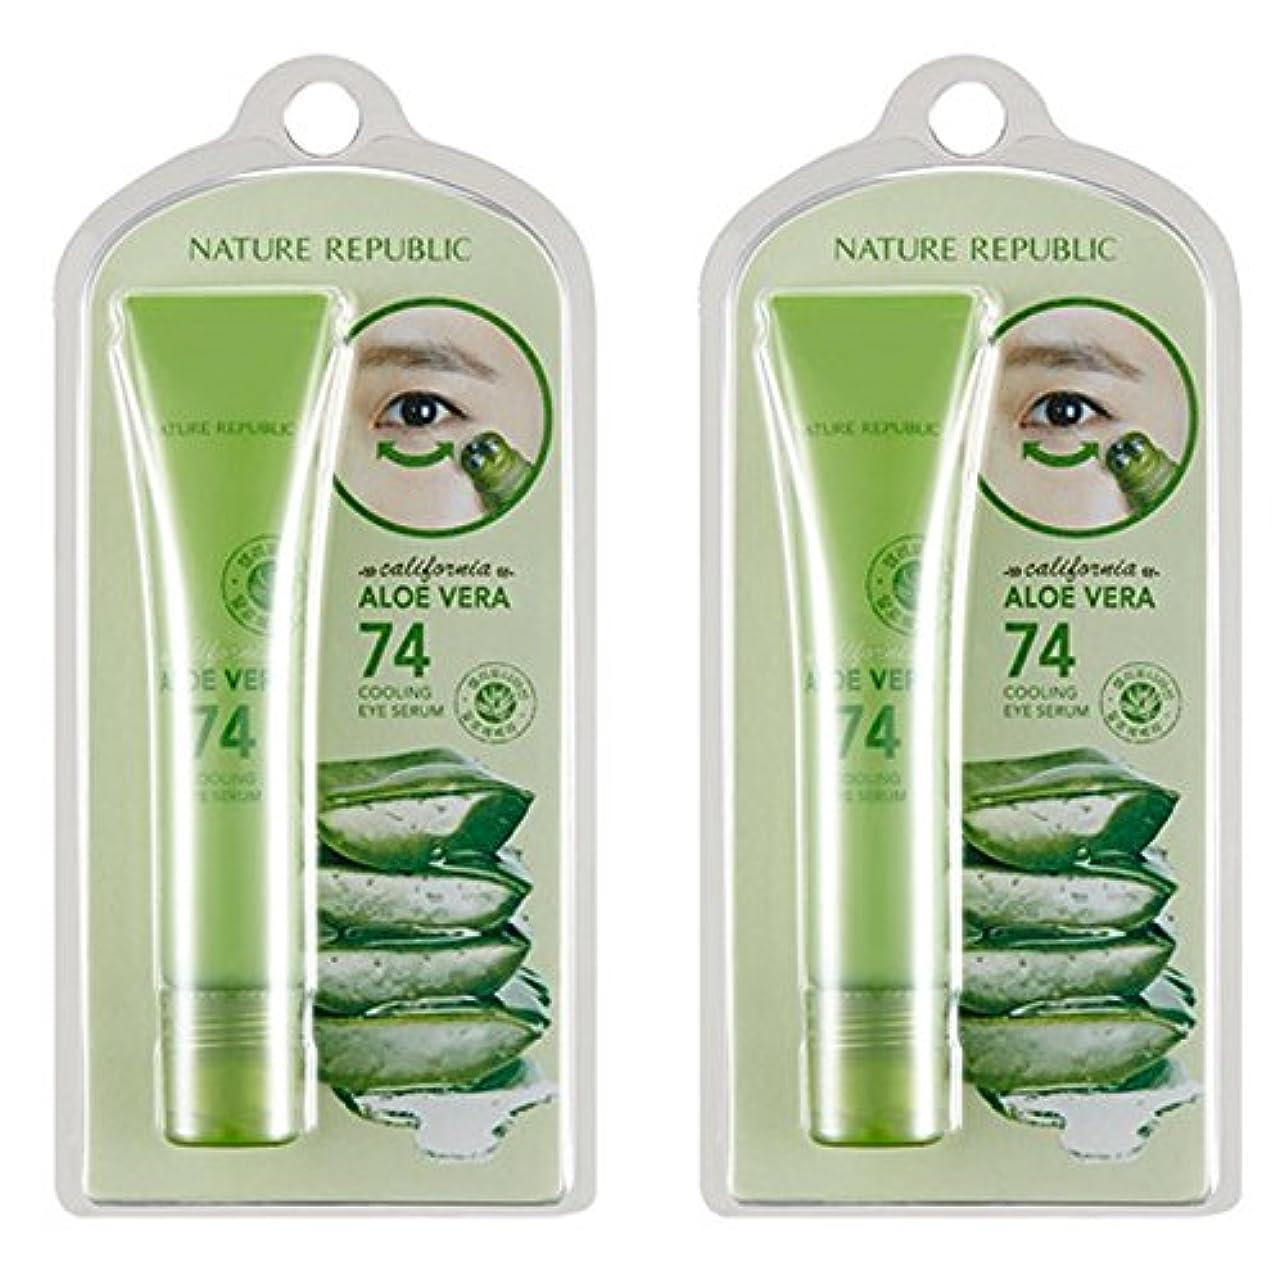 猟犬ビュッフェ形成[韓国 Nature Republic] Nature Republic カリフォルニア アロエ ベラ 74 クーリング アイ セラム15 Ml 1+1 アイ スキン ケア マッサージ モイスチャー しわ 改善 (Nature Republic California Aloe Vera 74 Cooling Eye Serum 15 Ml 1+1 Eye Skin Care Massage Moisture Wrinkle Improvement) [並行輸入品]